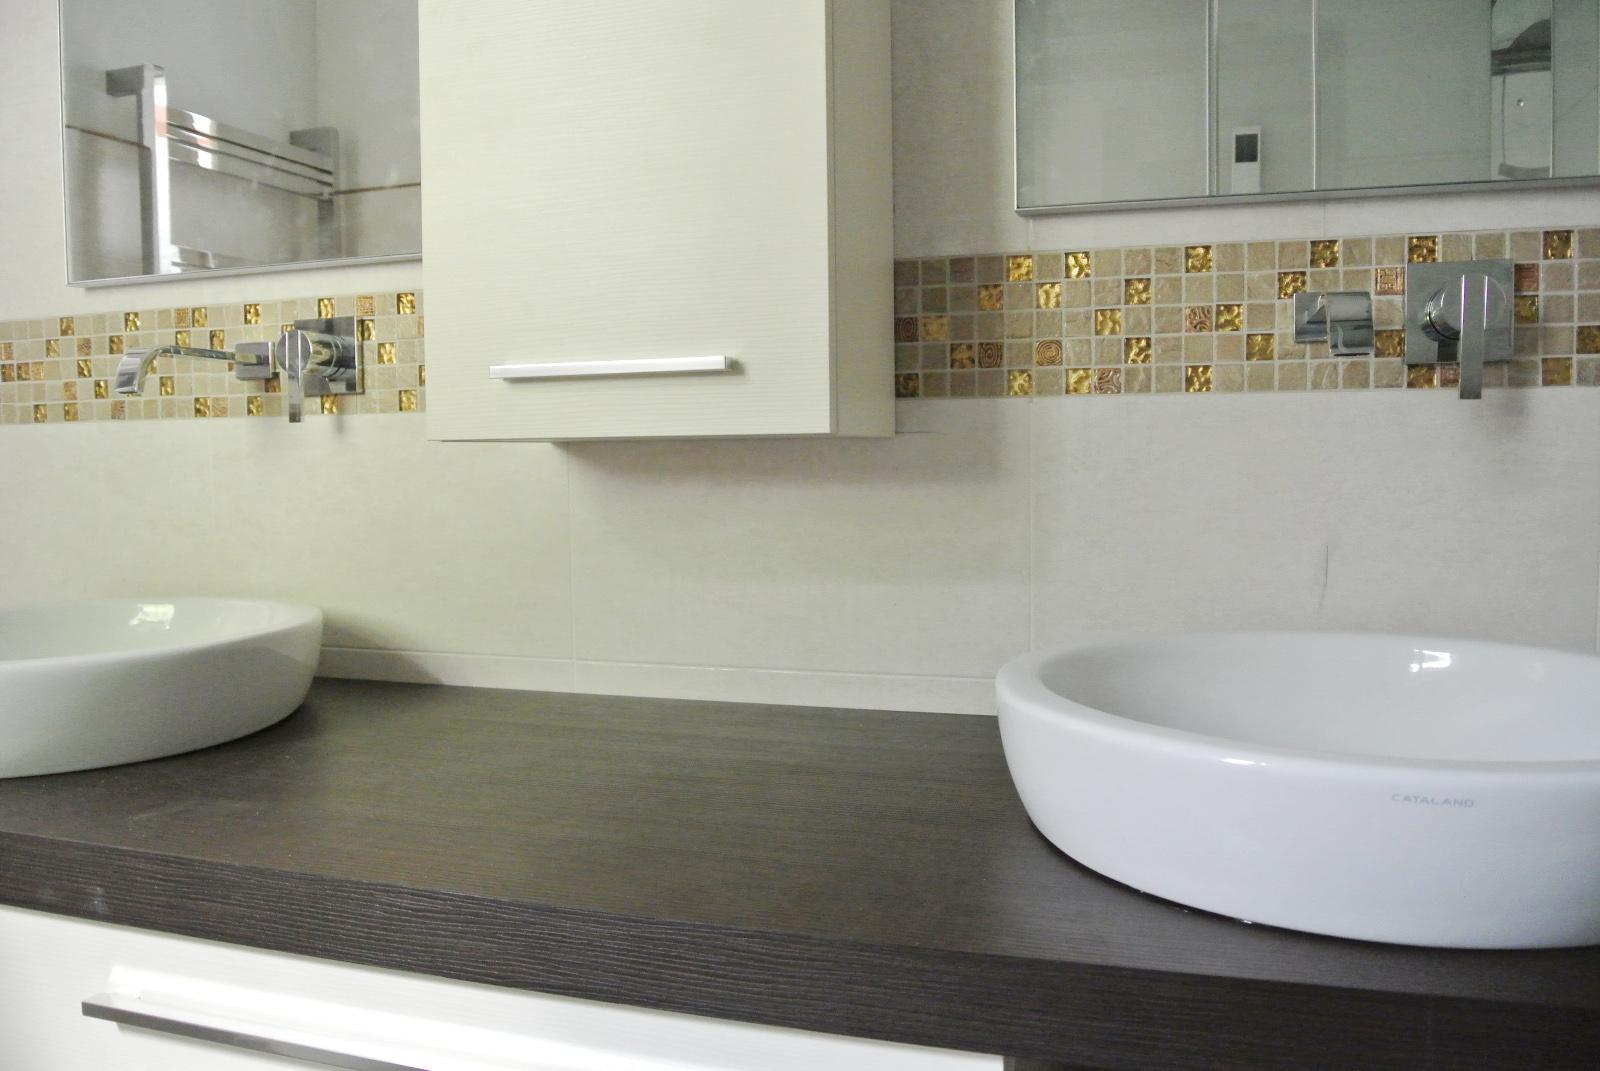 sintesibagno-verbania-svizzera-arredobagno-locarno-bellinzona-lavabo-catalano